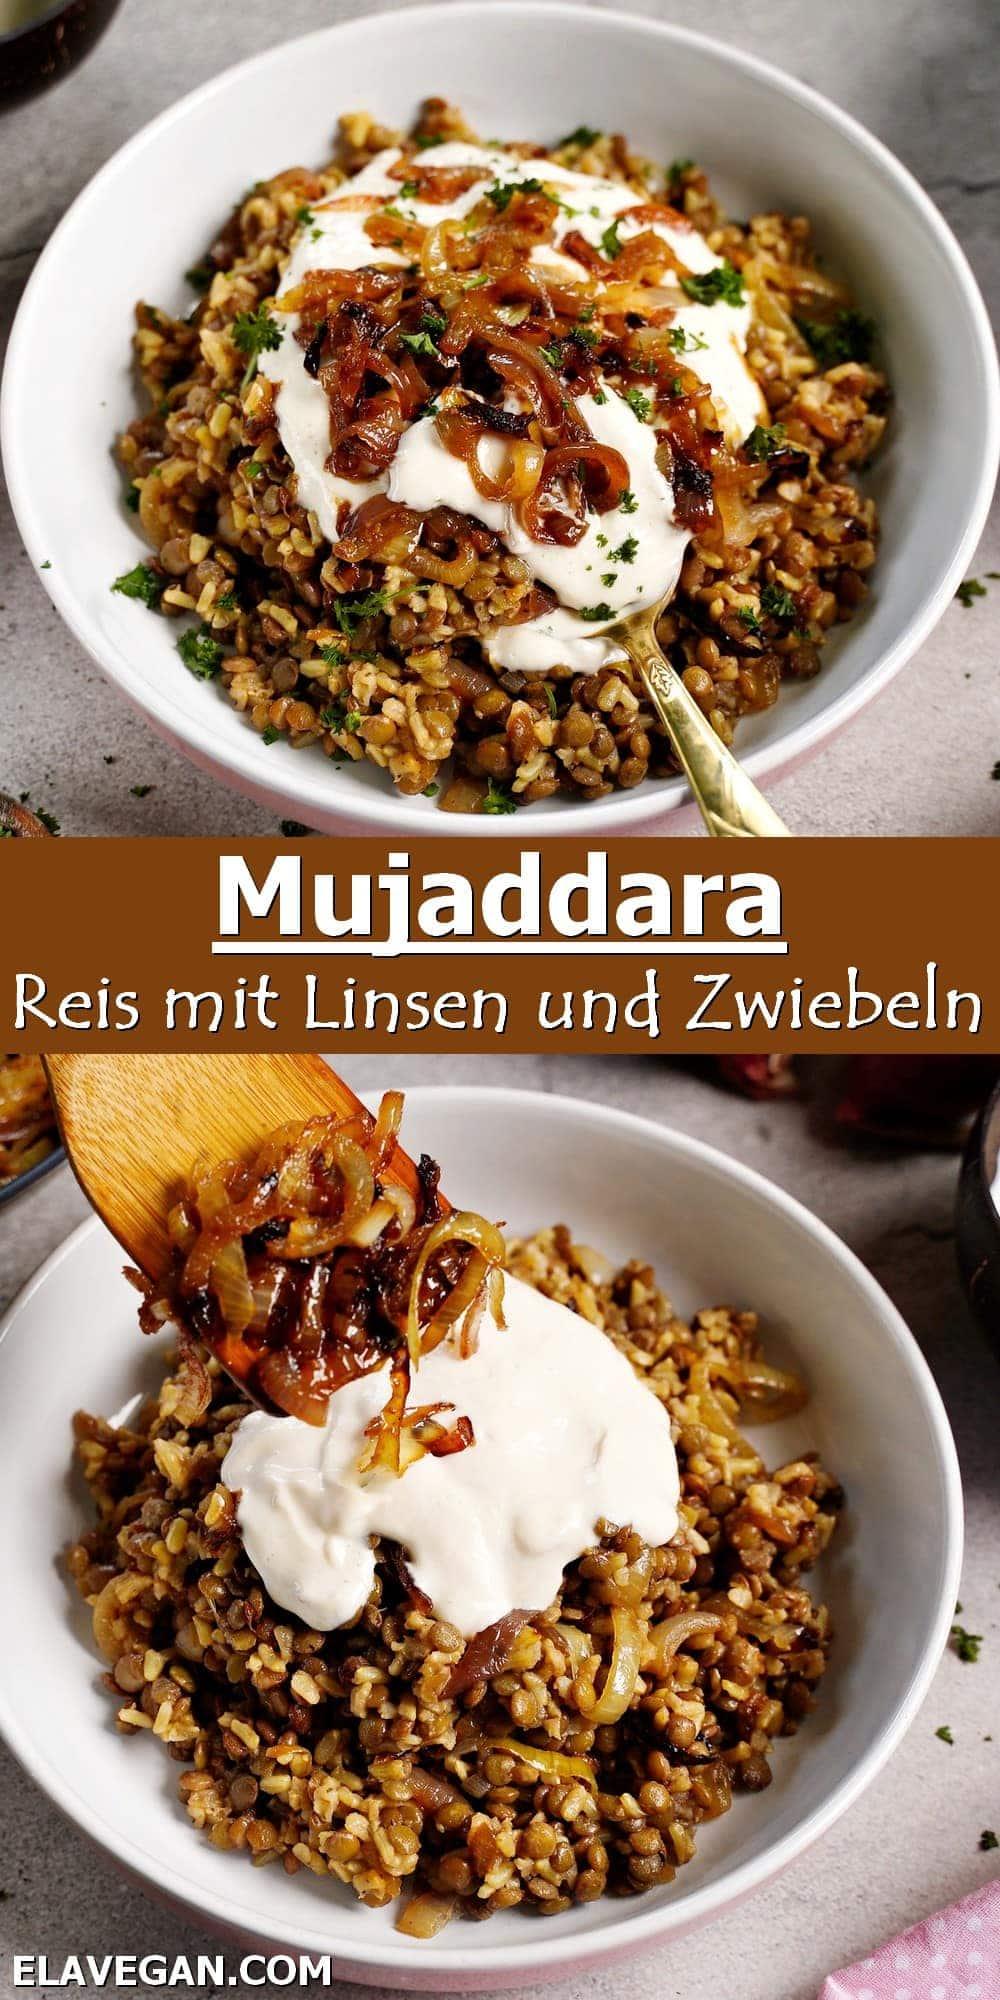 Pinterest Collage Mujaddara Reis mit Linsen und Zwiebeln